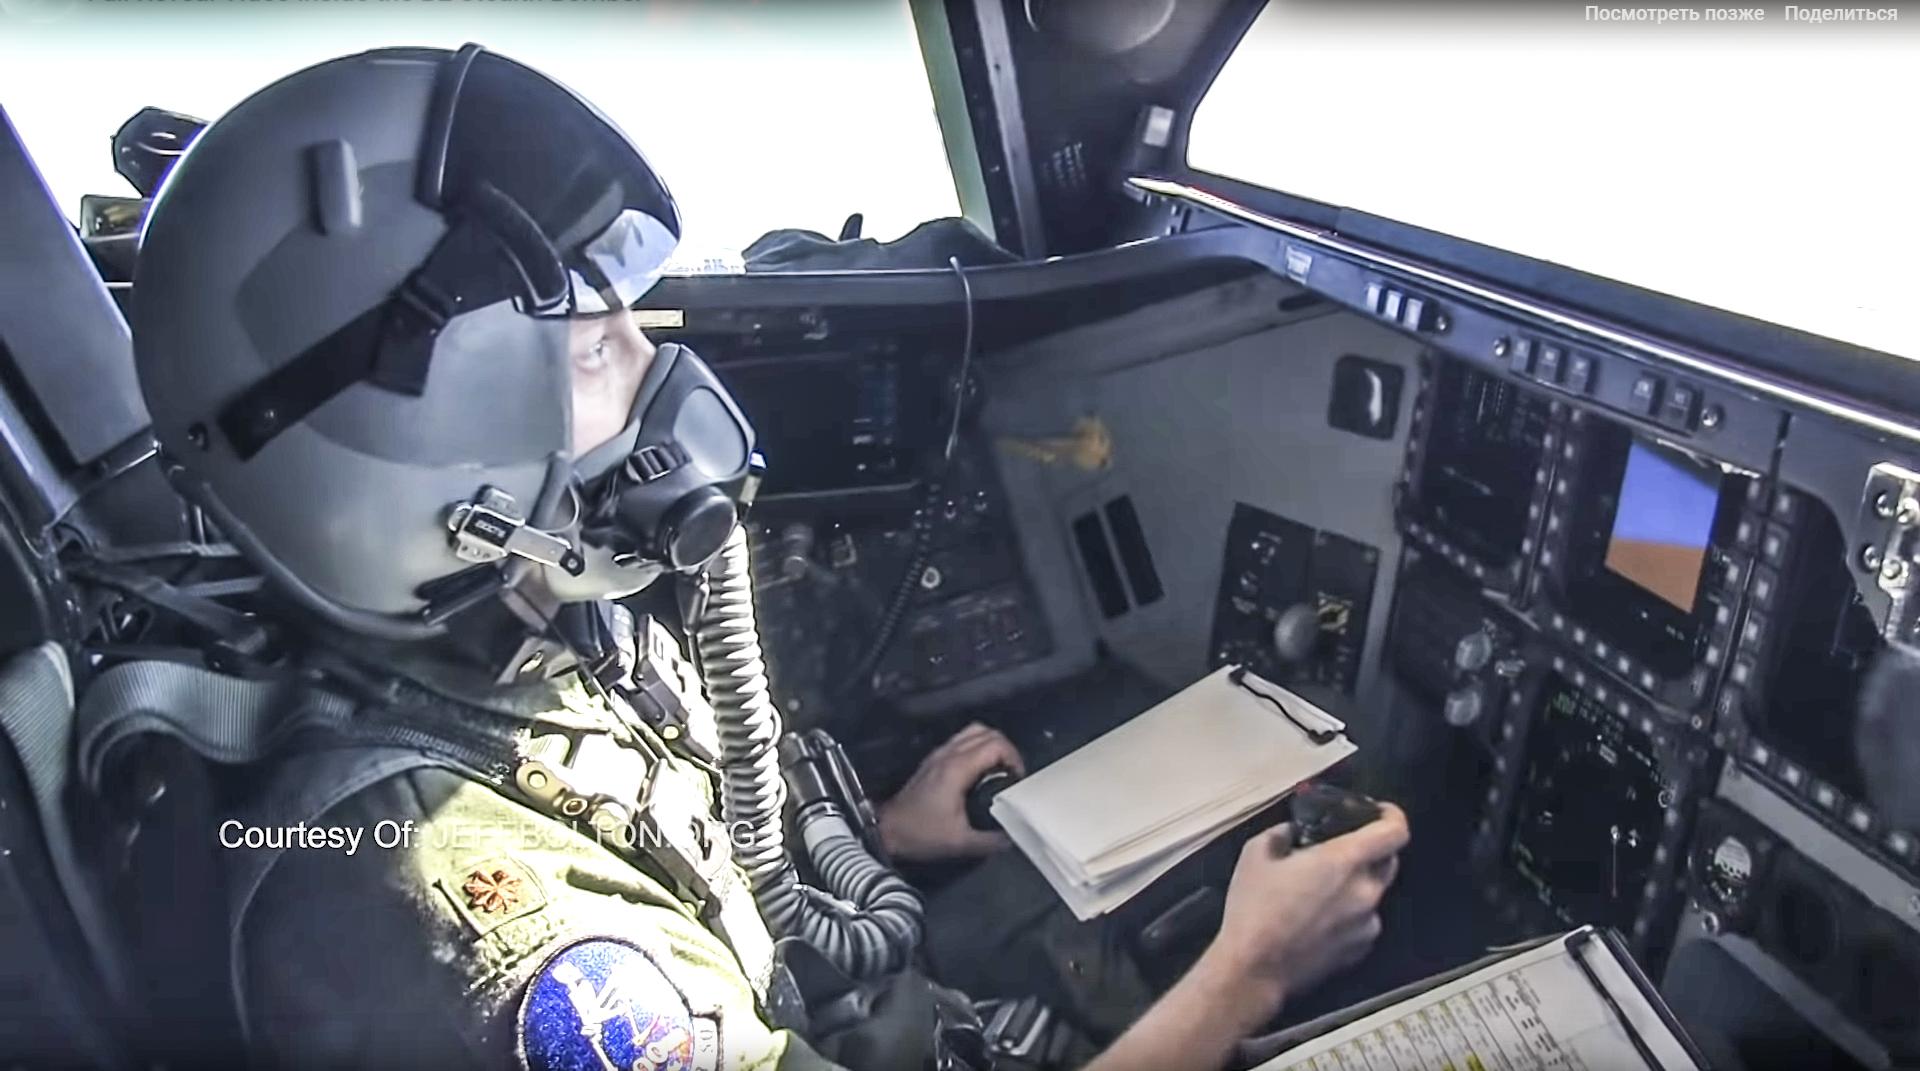 Впервые появилось видео кабины бомбардировщика-невидимки B-2